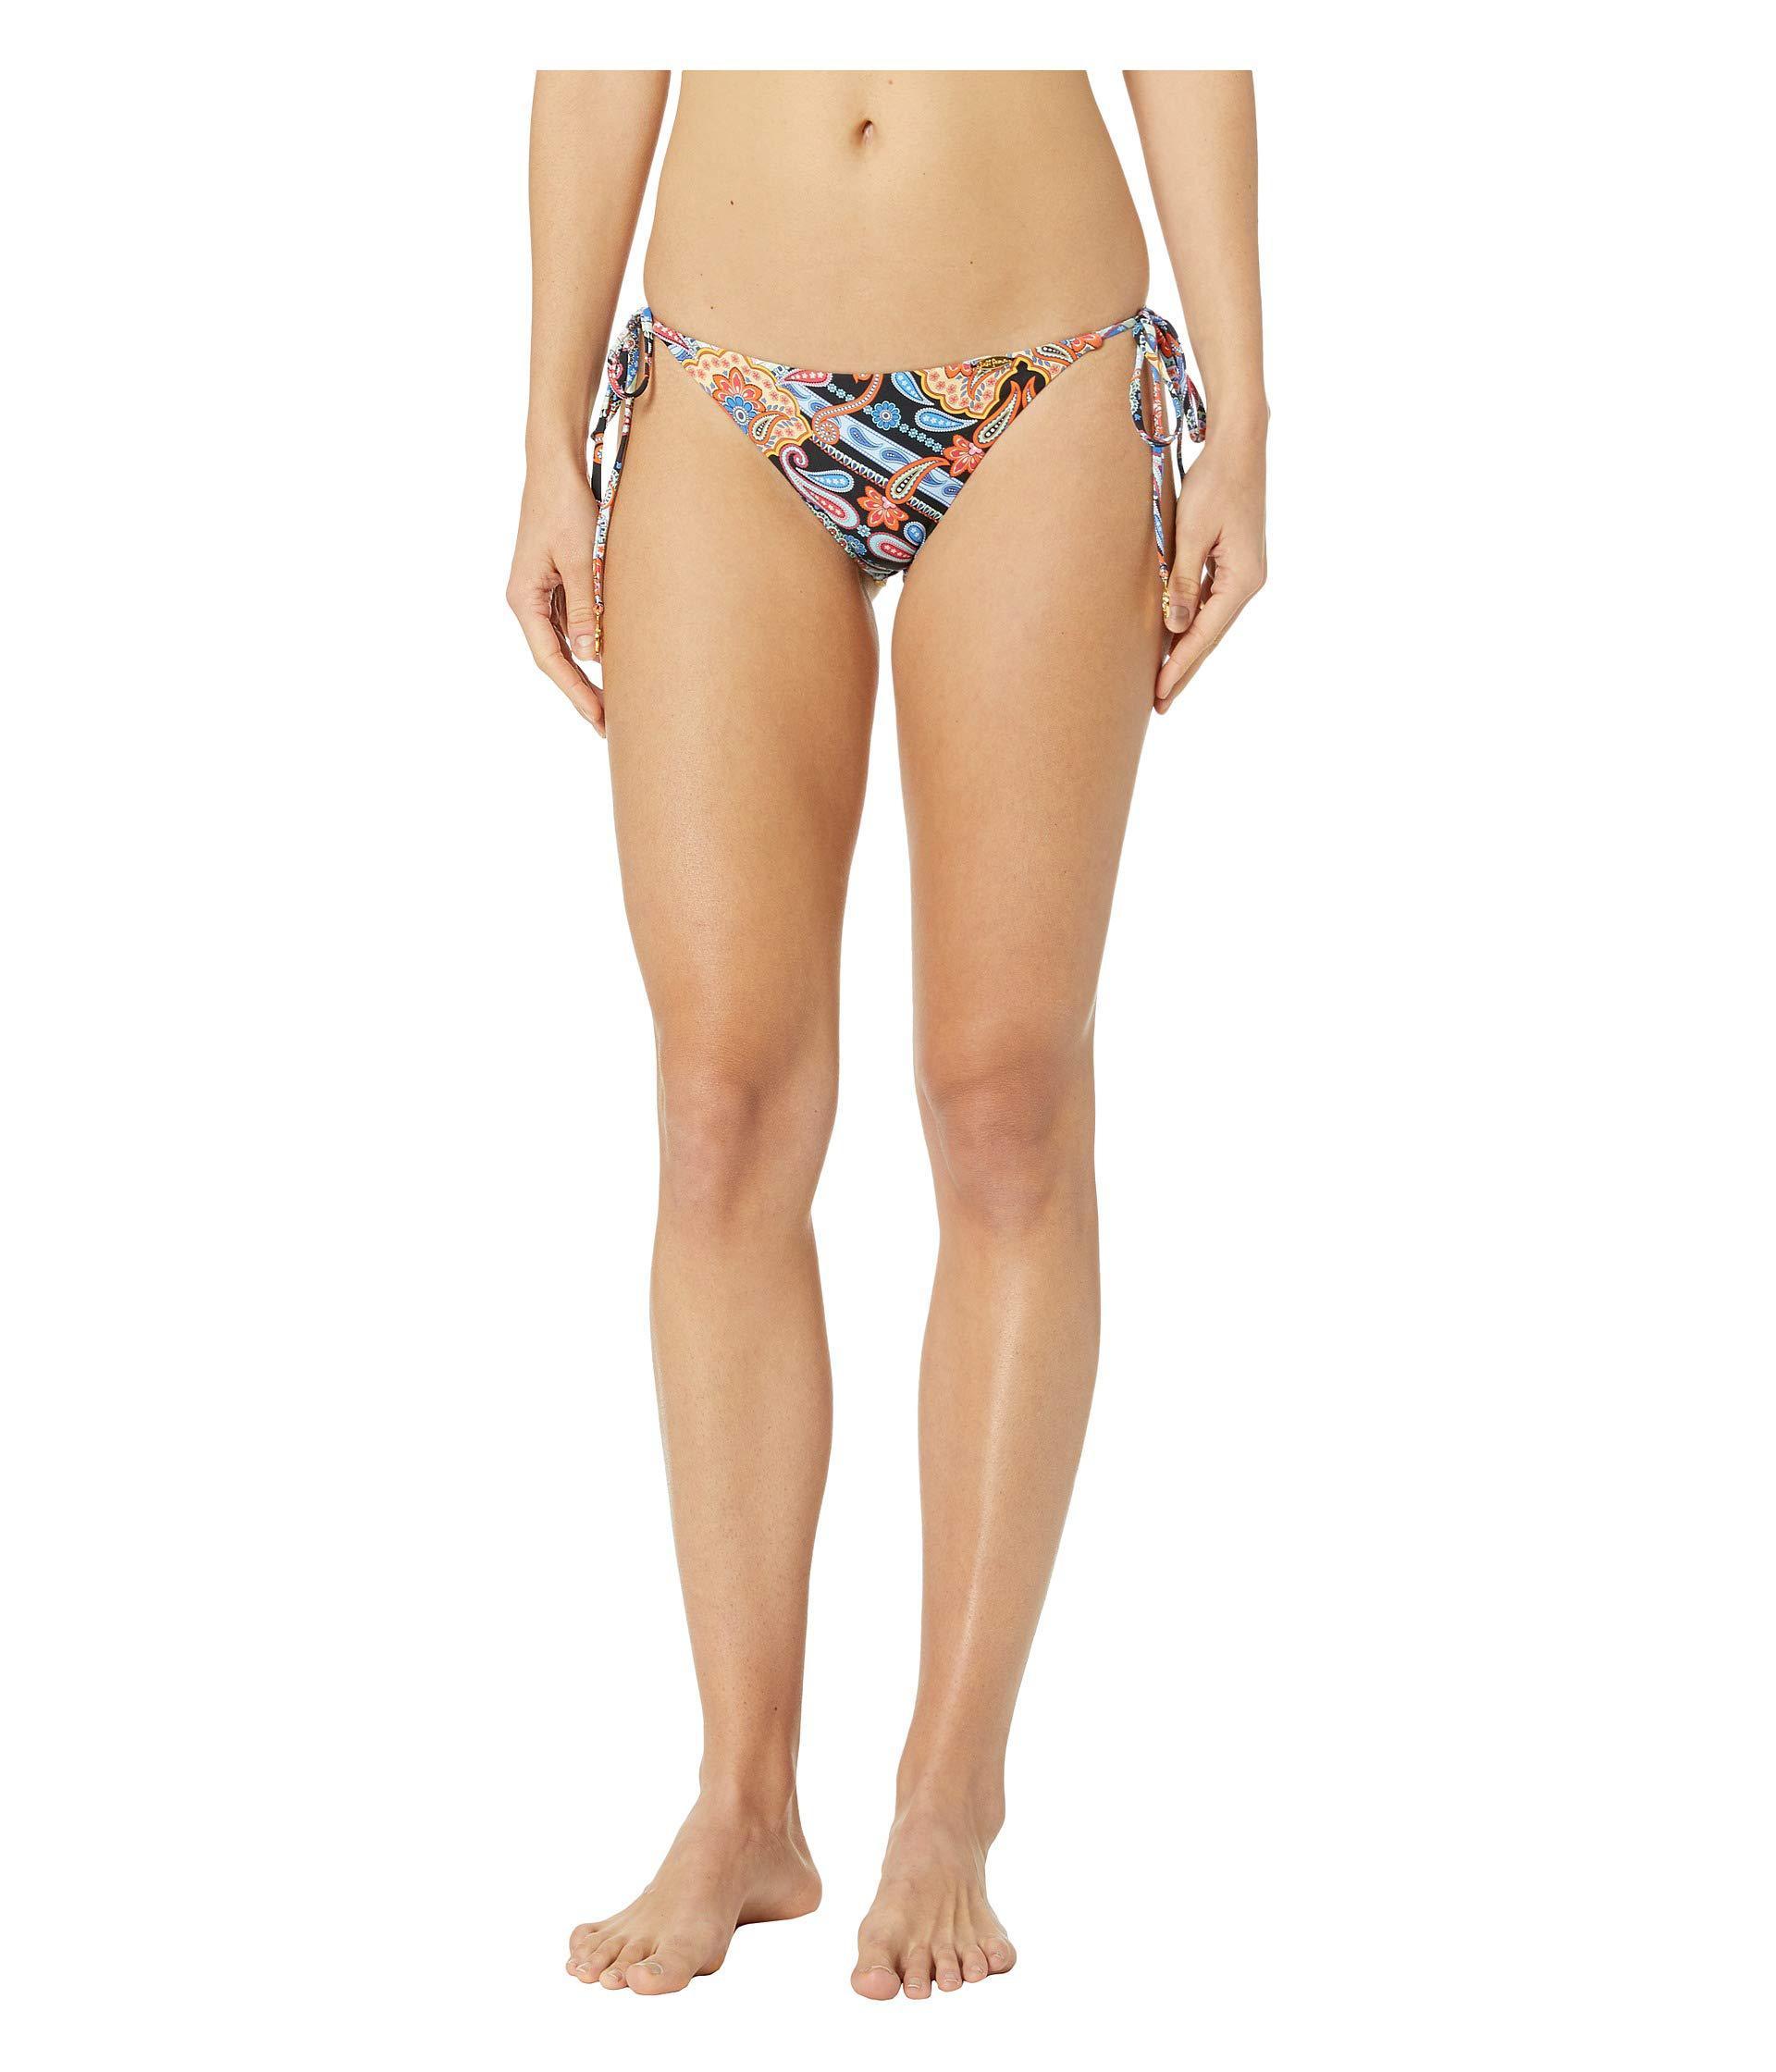 63c036206c1 Luli Fama. La Maestranza Reversible Wavy Ruched Back Brazilian Tie Side  Bottoms (black) Women's Swimwear